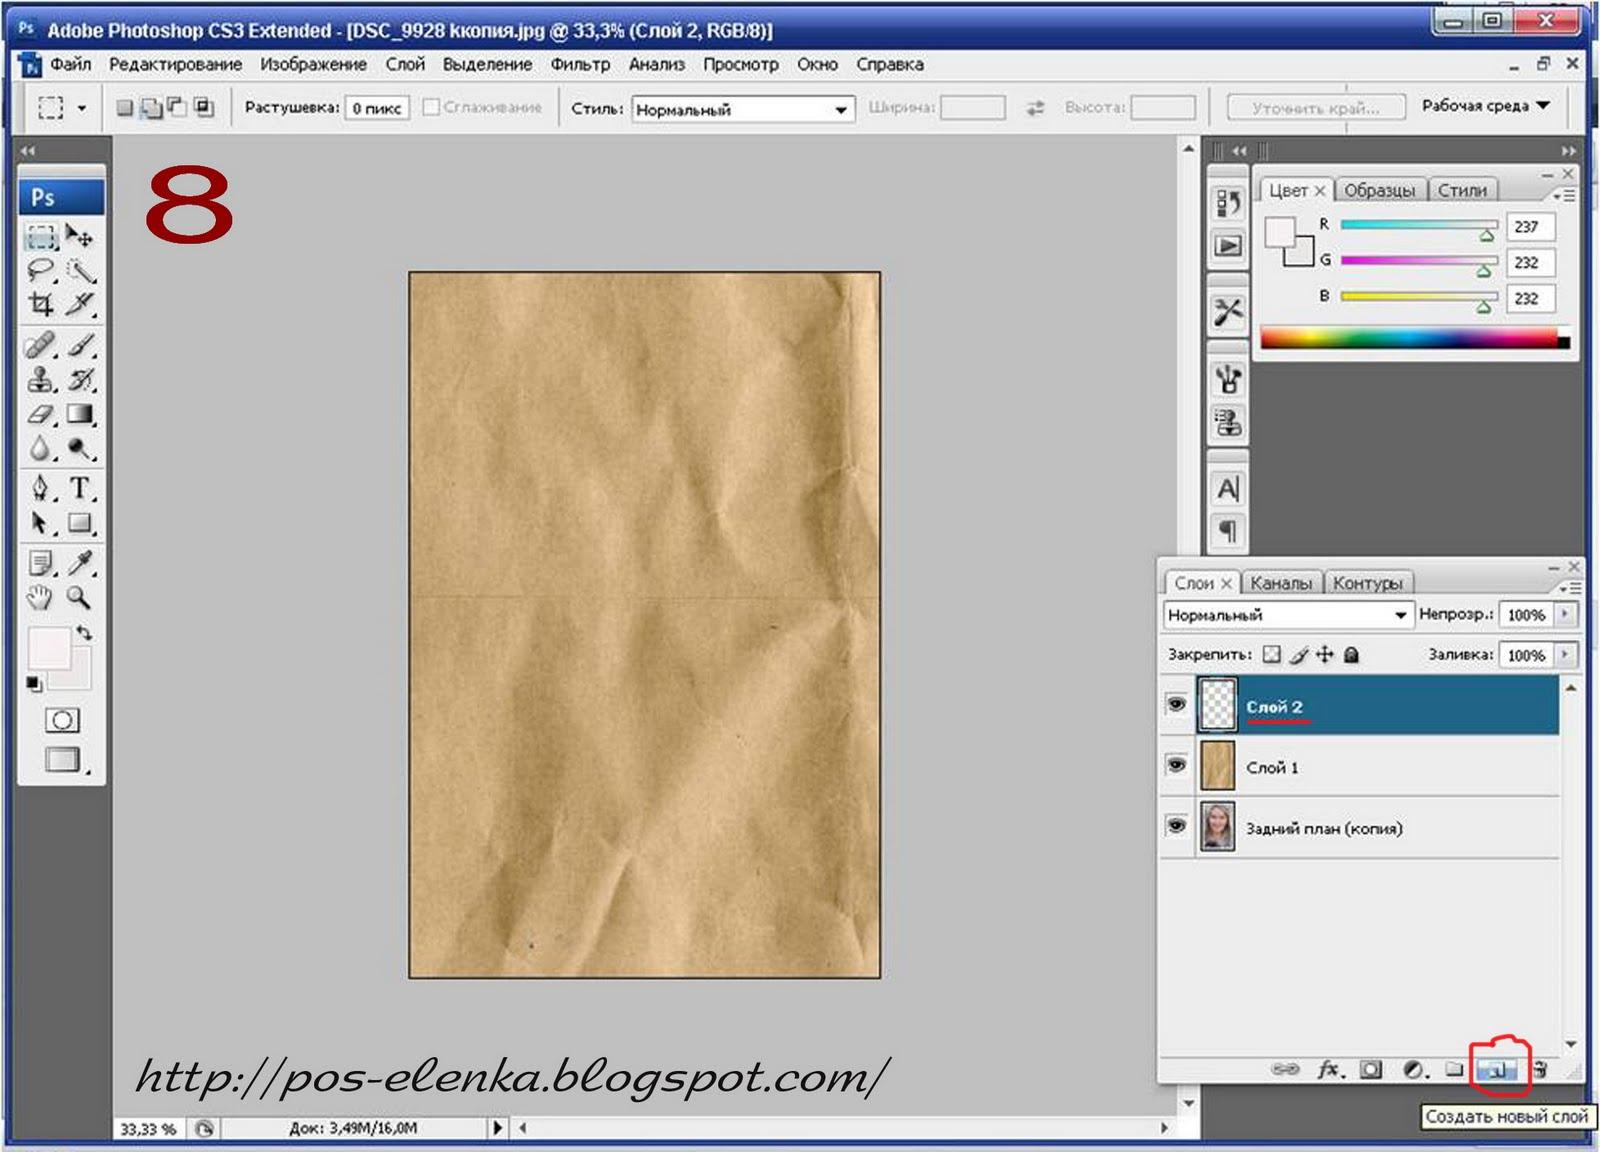 Наложение изображений - Уроки Photoshop 75